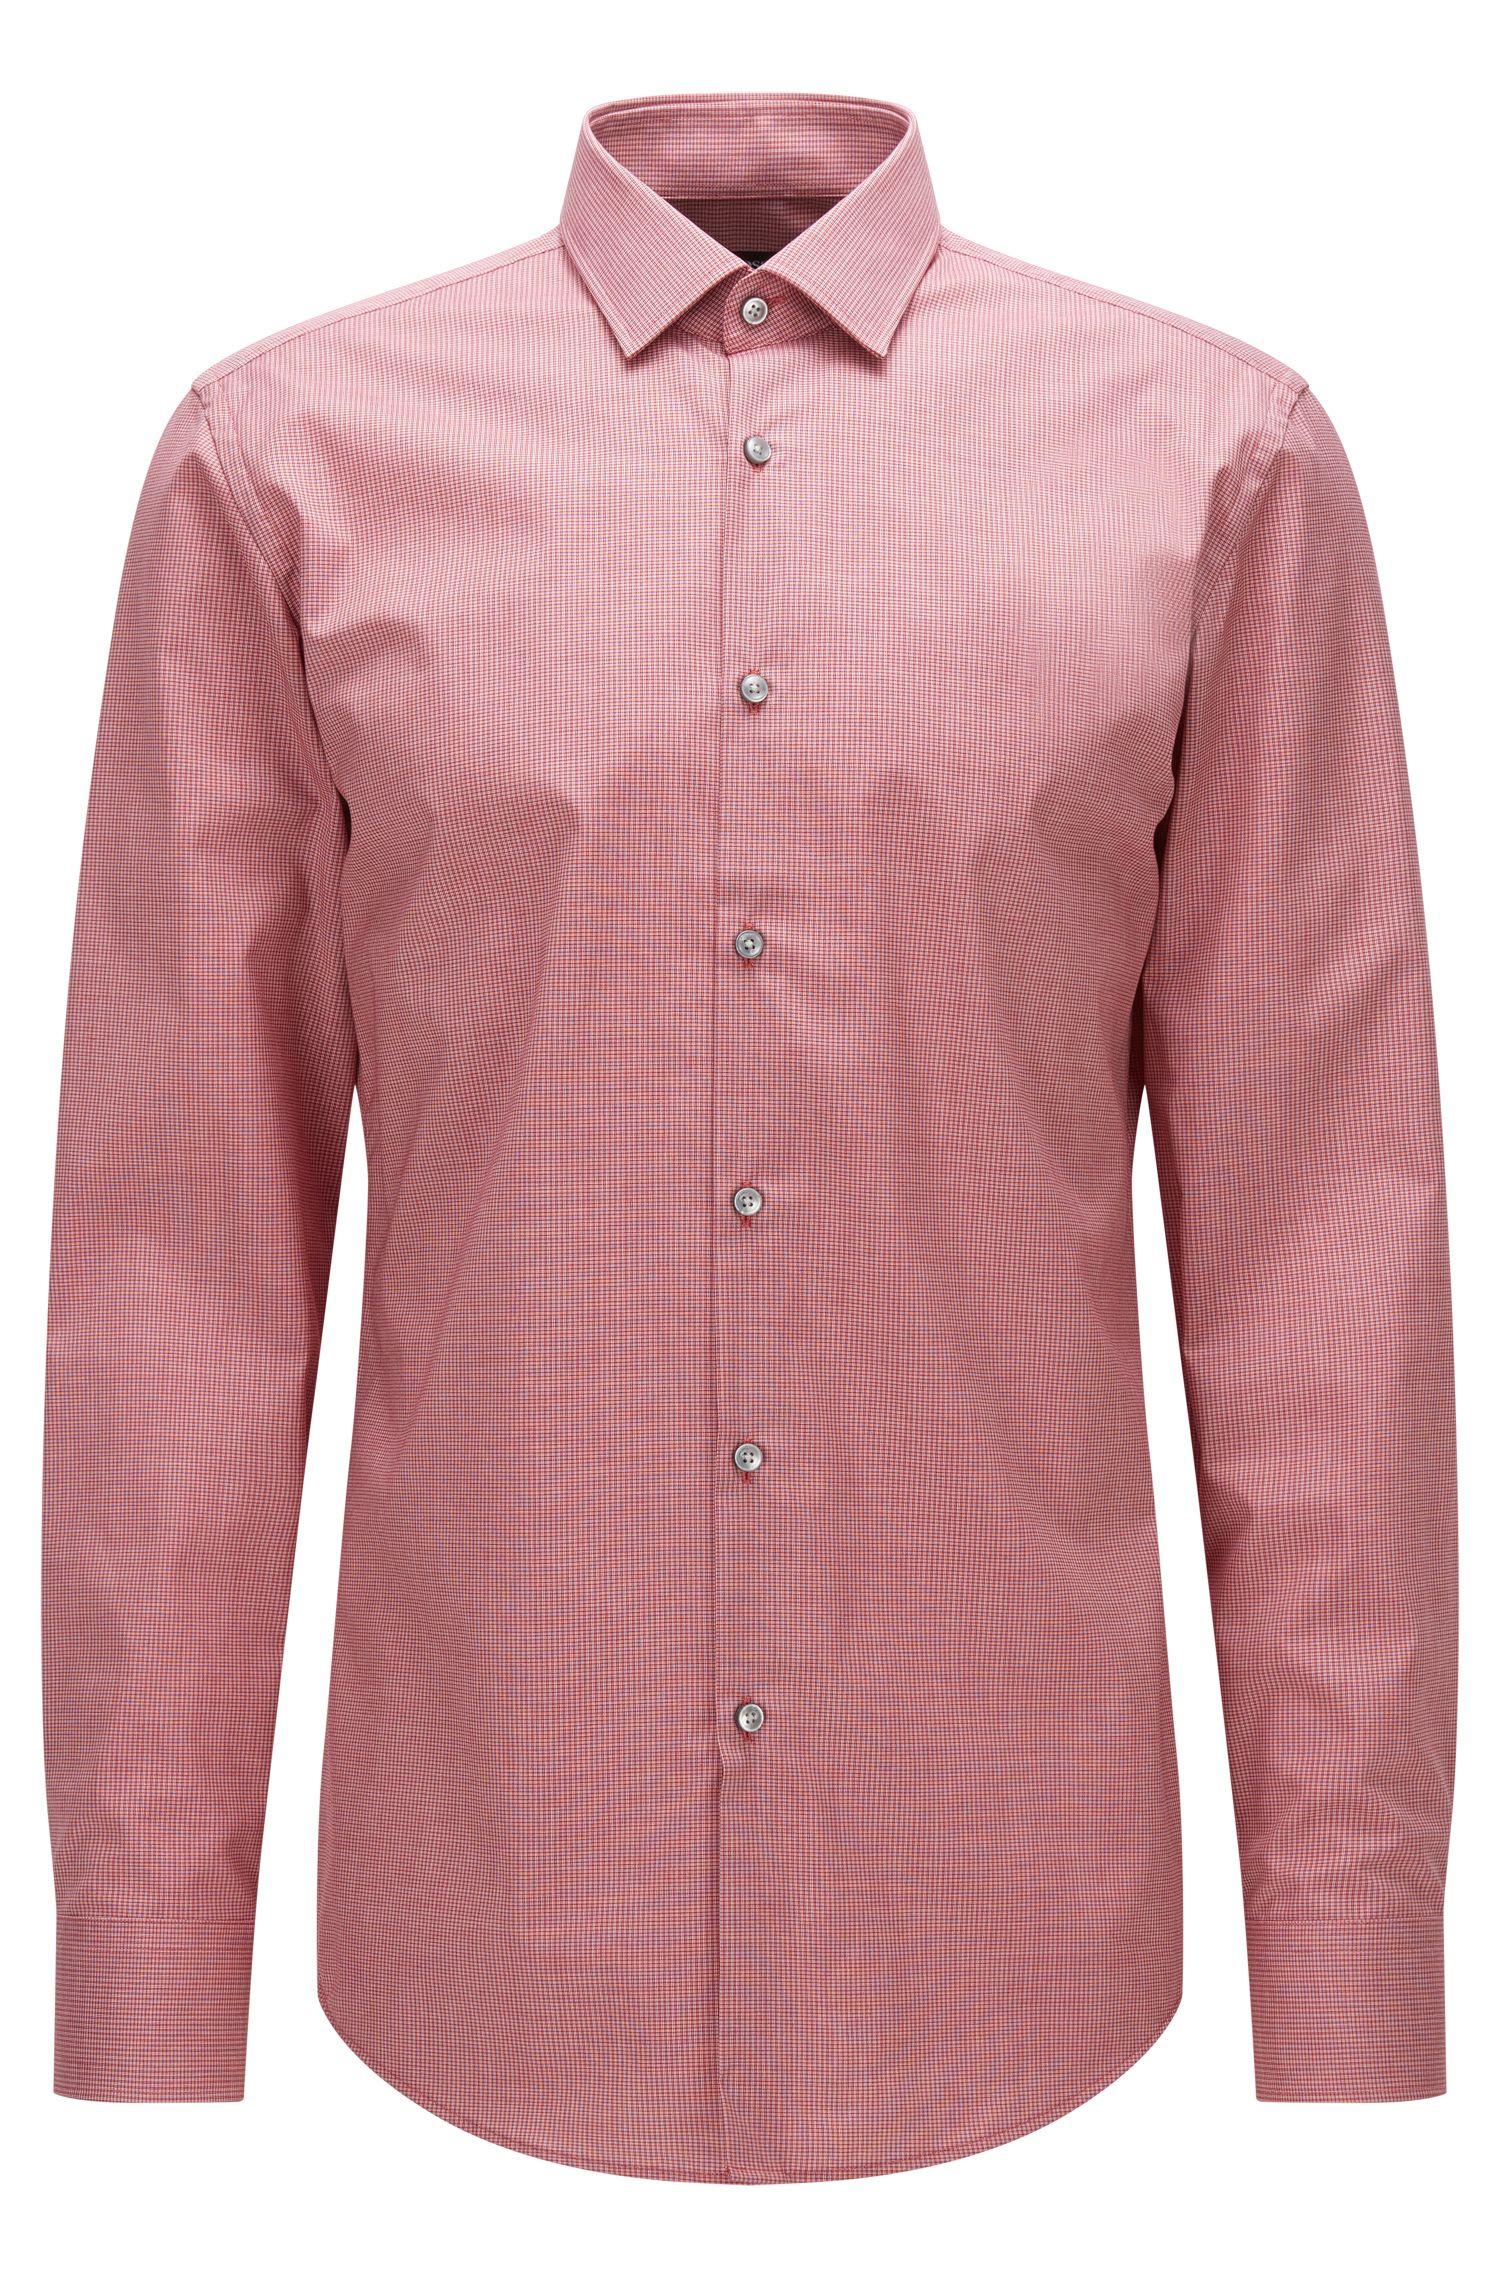 Gemustertes Slim-Fit Hemd aus Baumwoll-Popeline